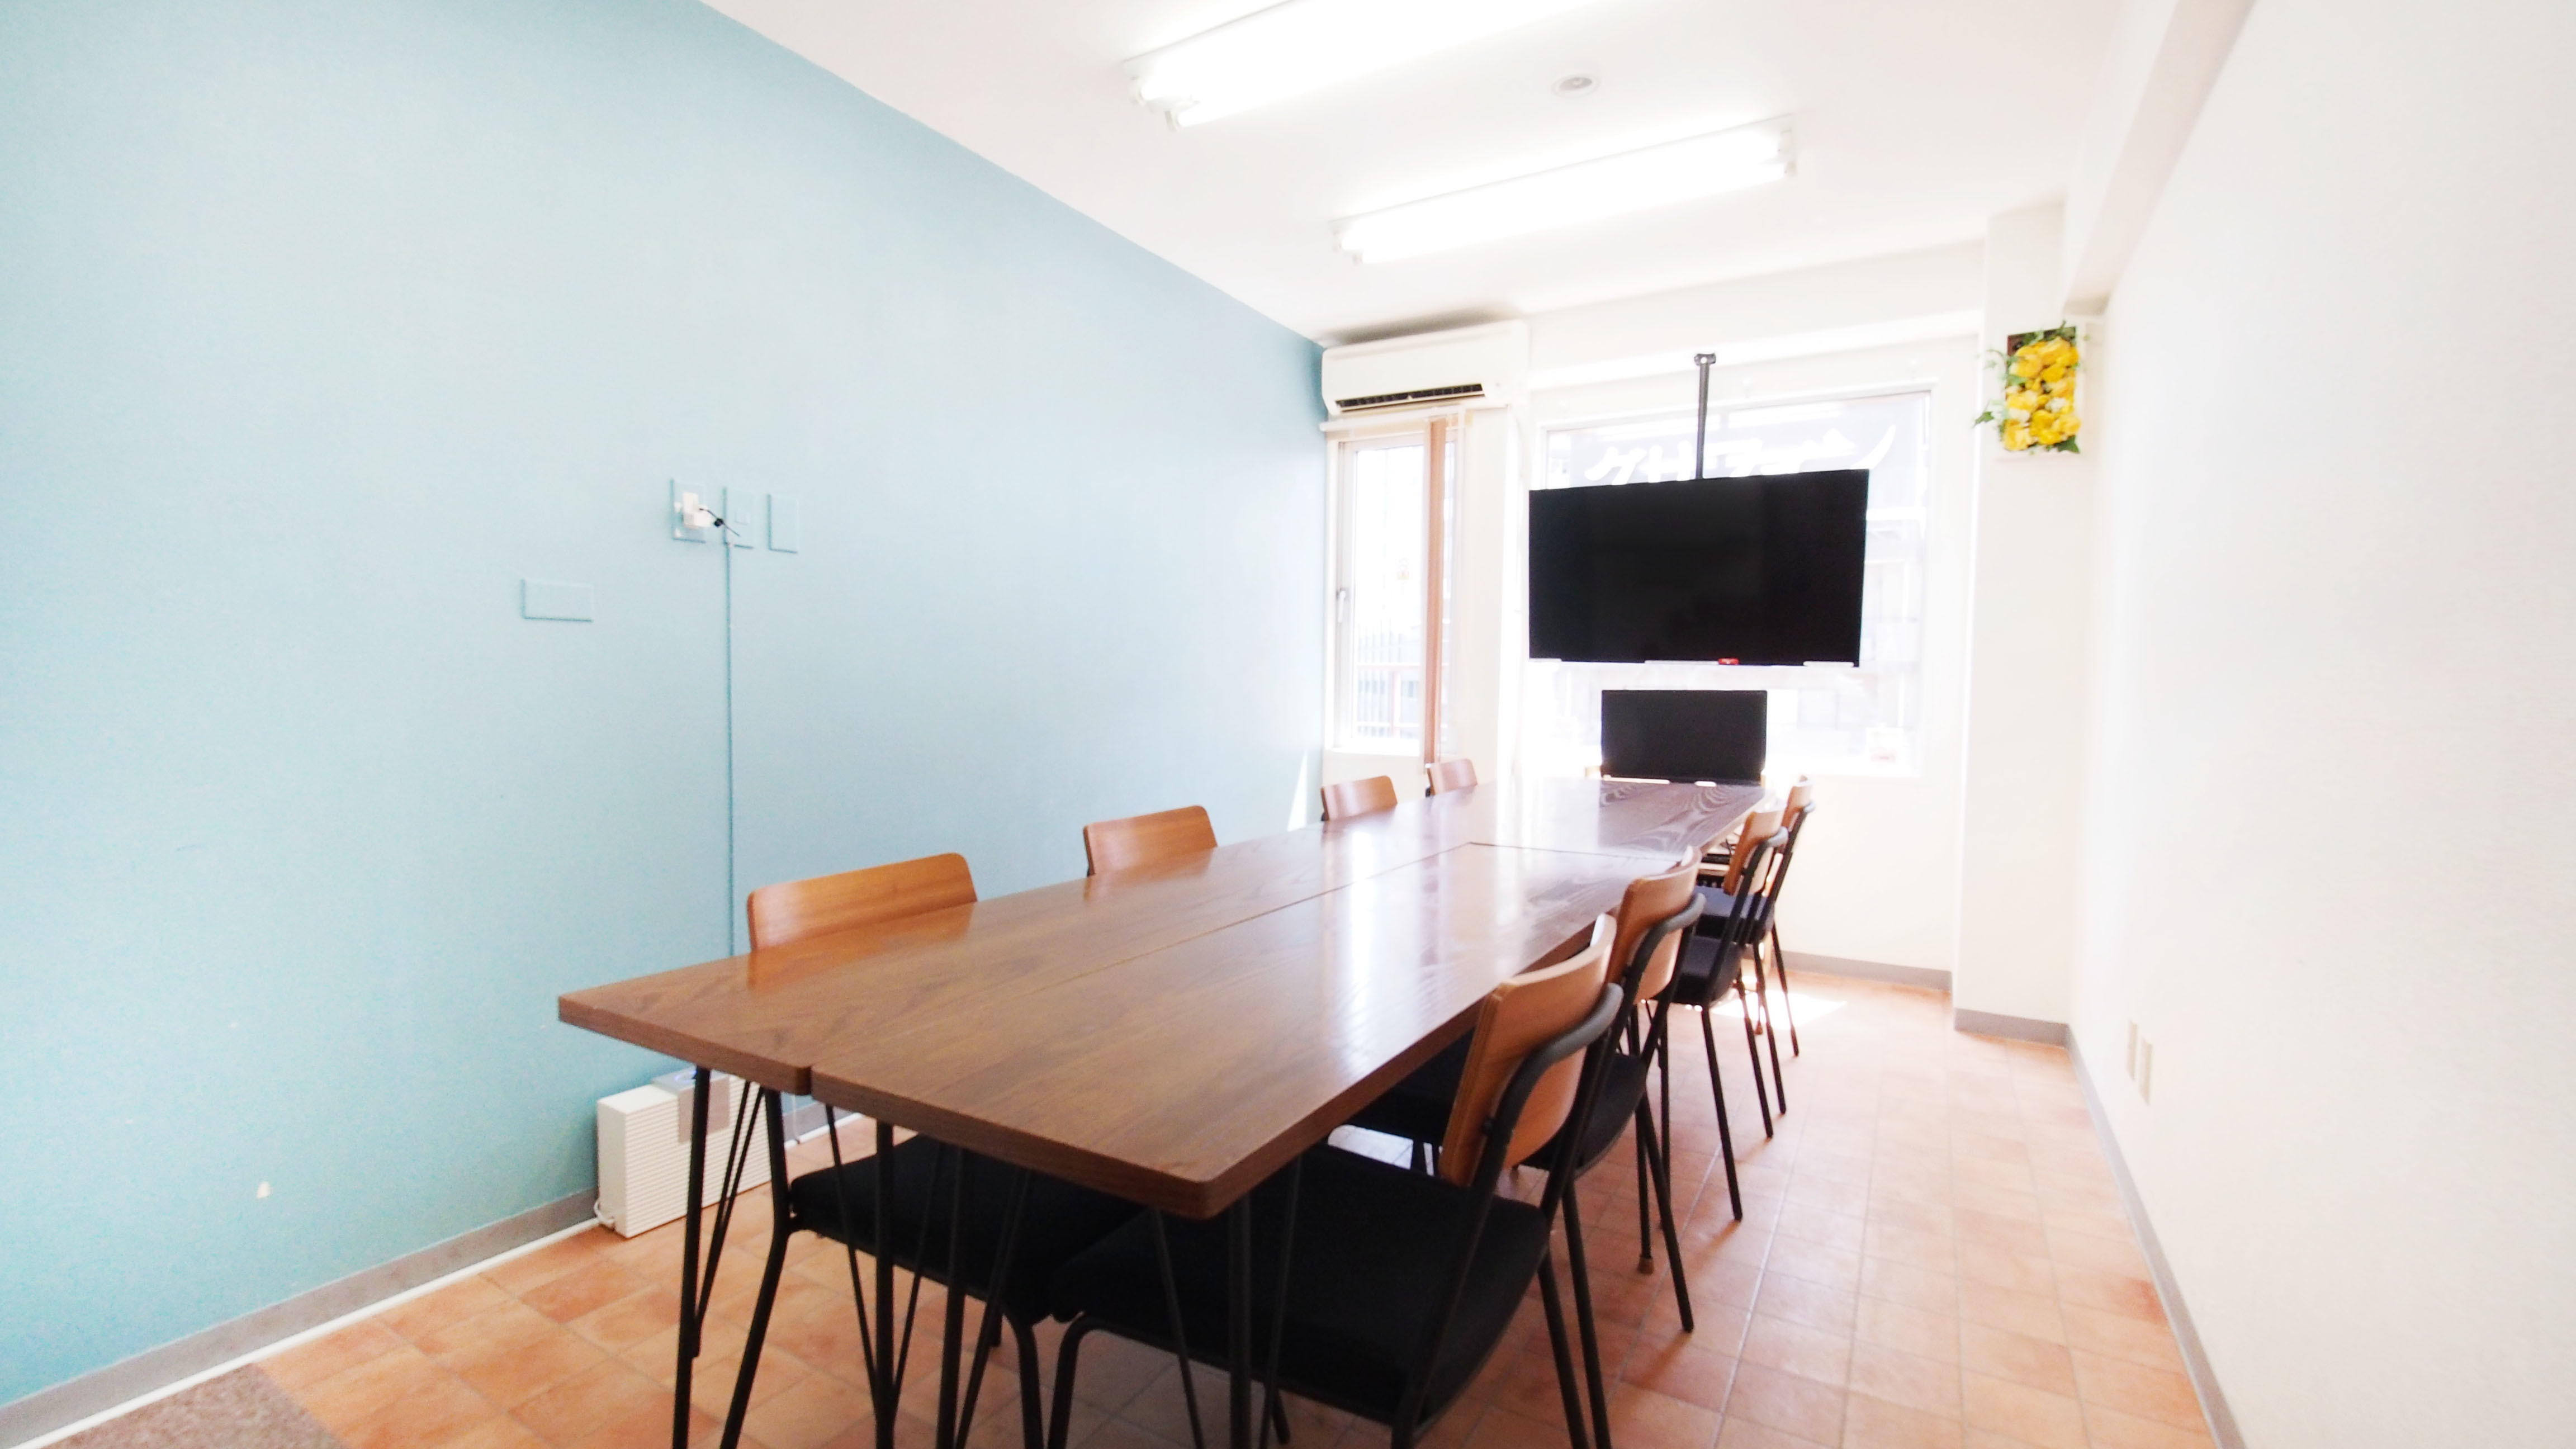 明るいブルーの壁が特徴のレンタルスペースです - 【テラス】横浜の貸し会議室 WiFi大型モニタホワイトボードの室内の写真